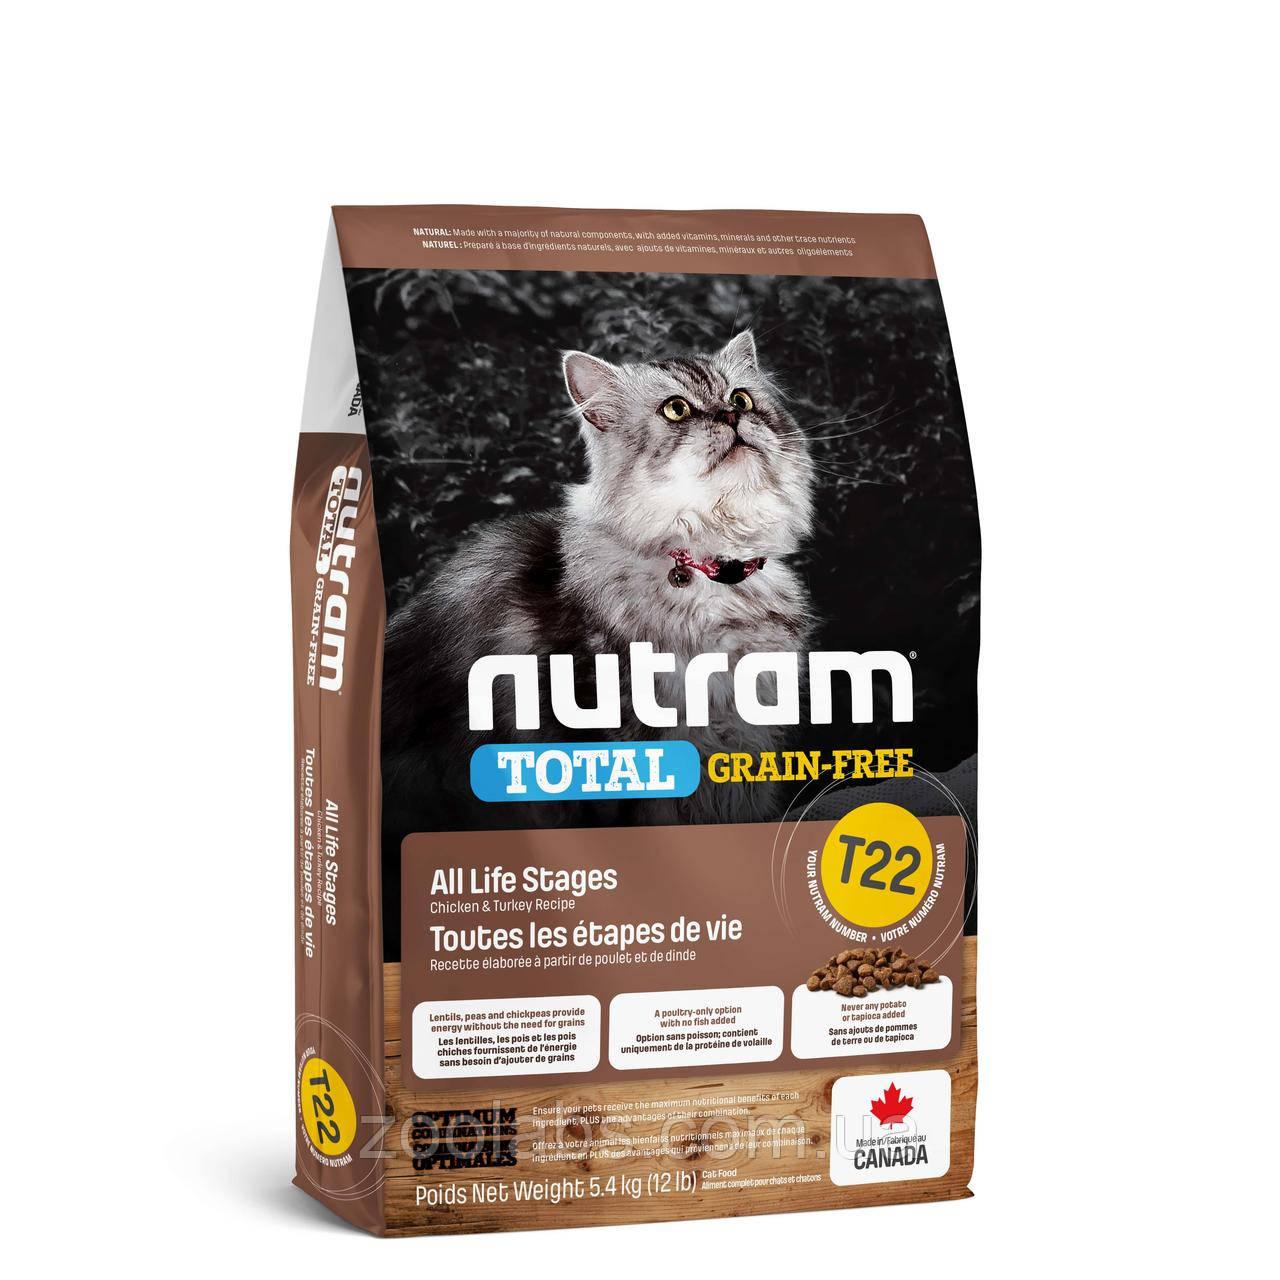 Корм Nutram для кошек   Nutram T22 Total Grain Free Turkey & Chiken Cat Food 20 кг